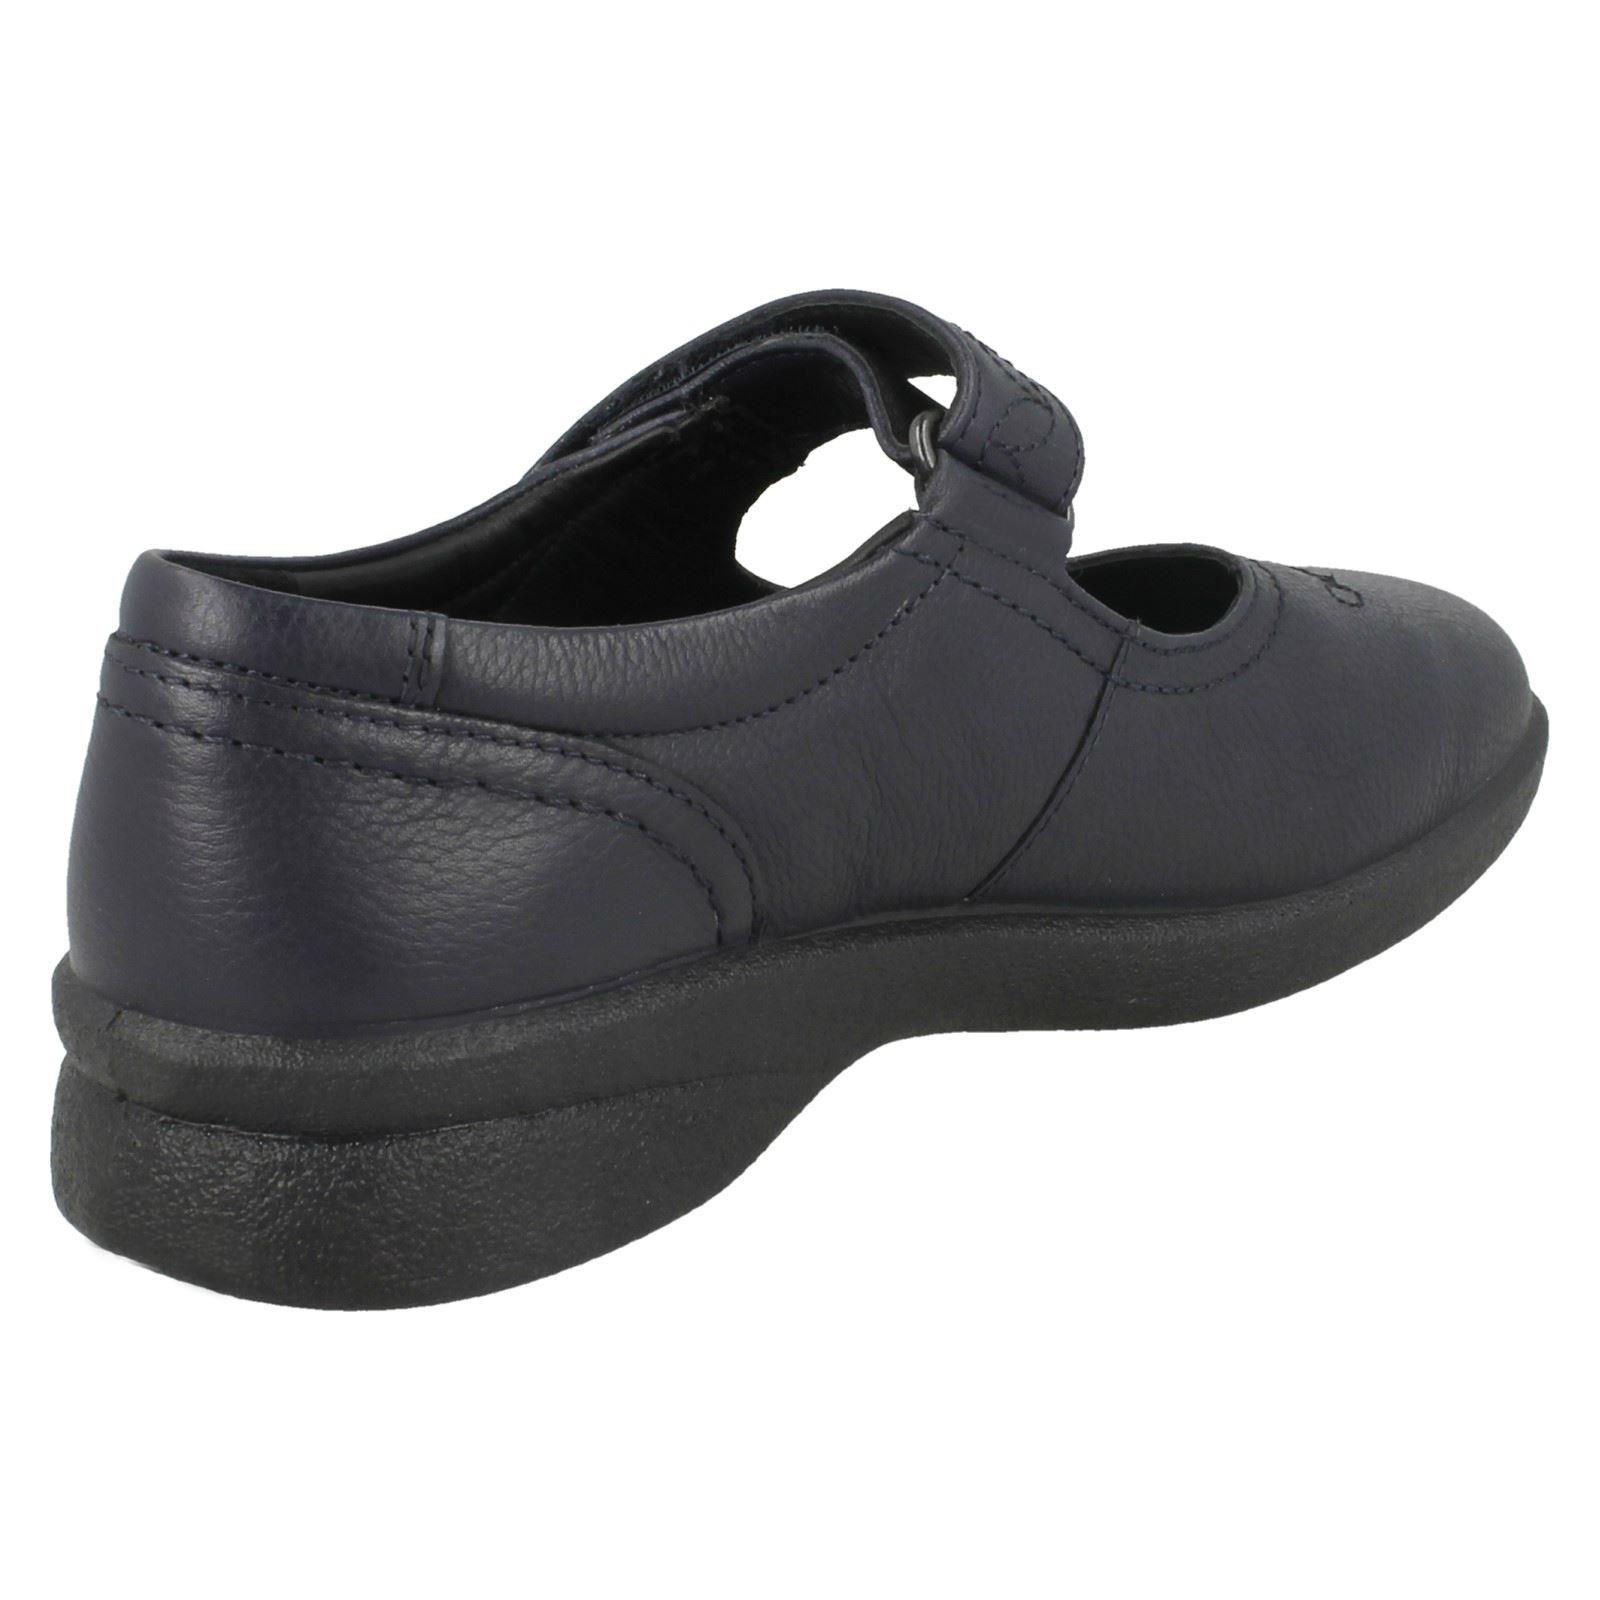 Ladies Padders Dual Fit scarpe-Sprite 2 2 2 | Per Essere Altamente Lodato E Apprezzato Dal Pubblico Dei Consumatori  9c4548